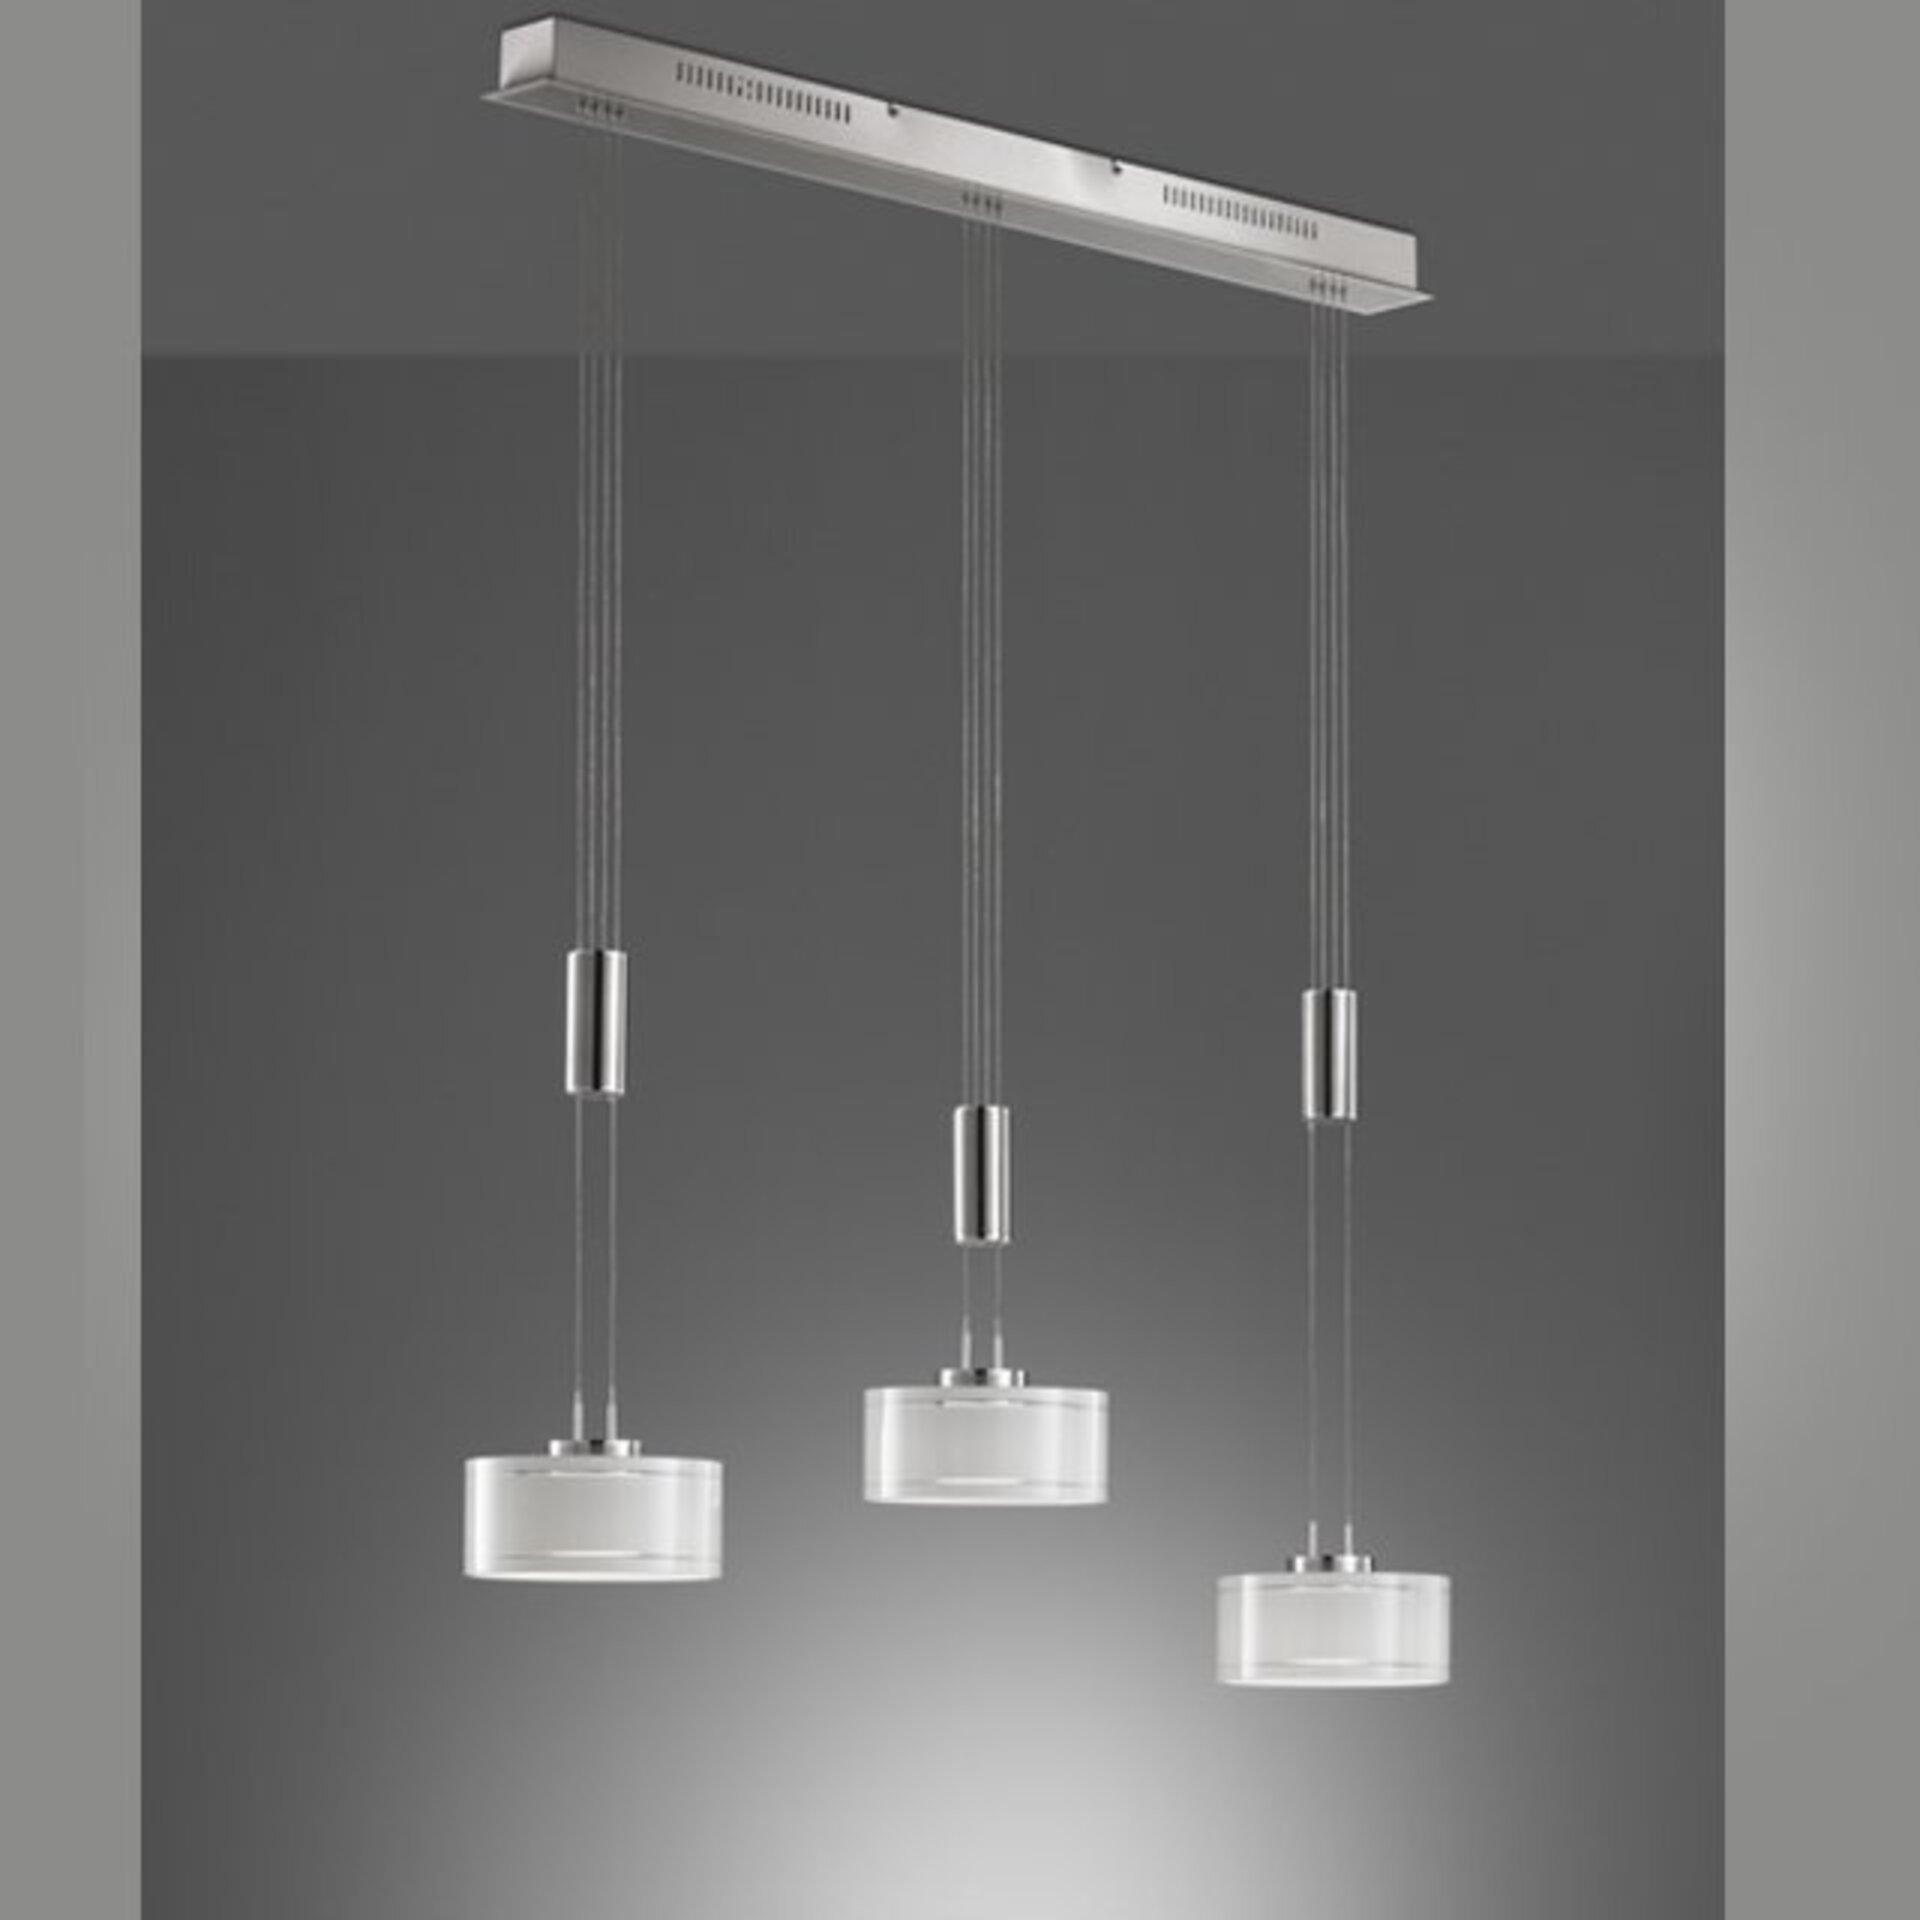 Hängeleuchte Lavin Fischer-Honsel Metall silber 160 x 96 cm